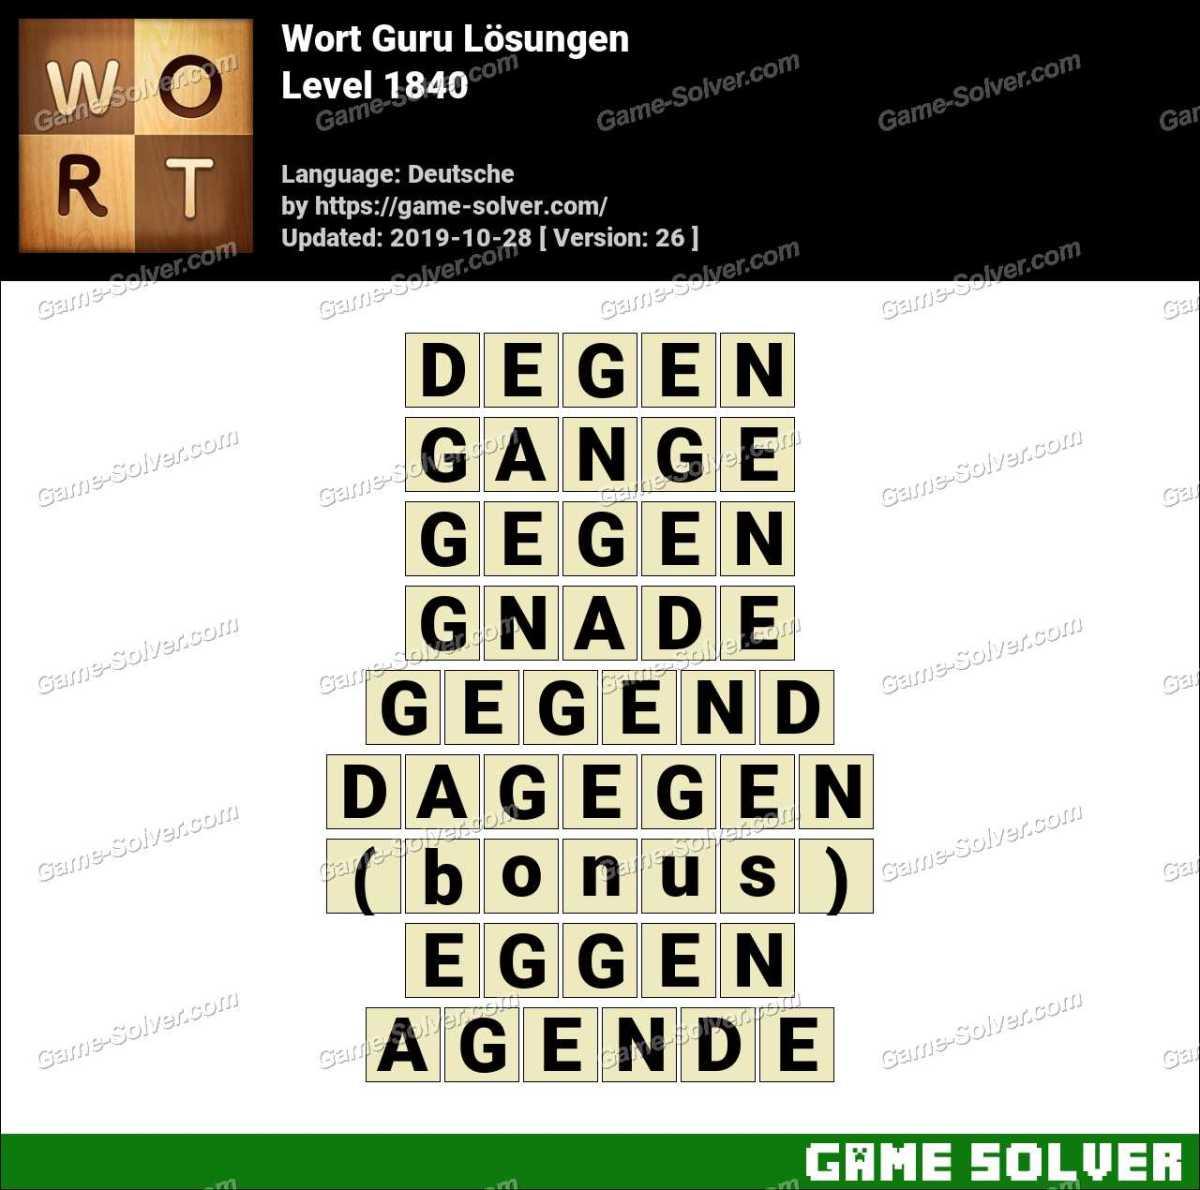 Wort Guru Level 1840 Lösungen